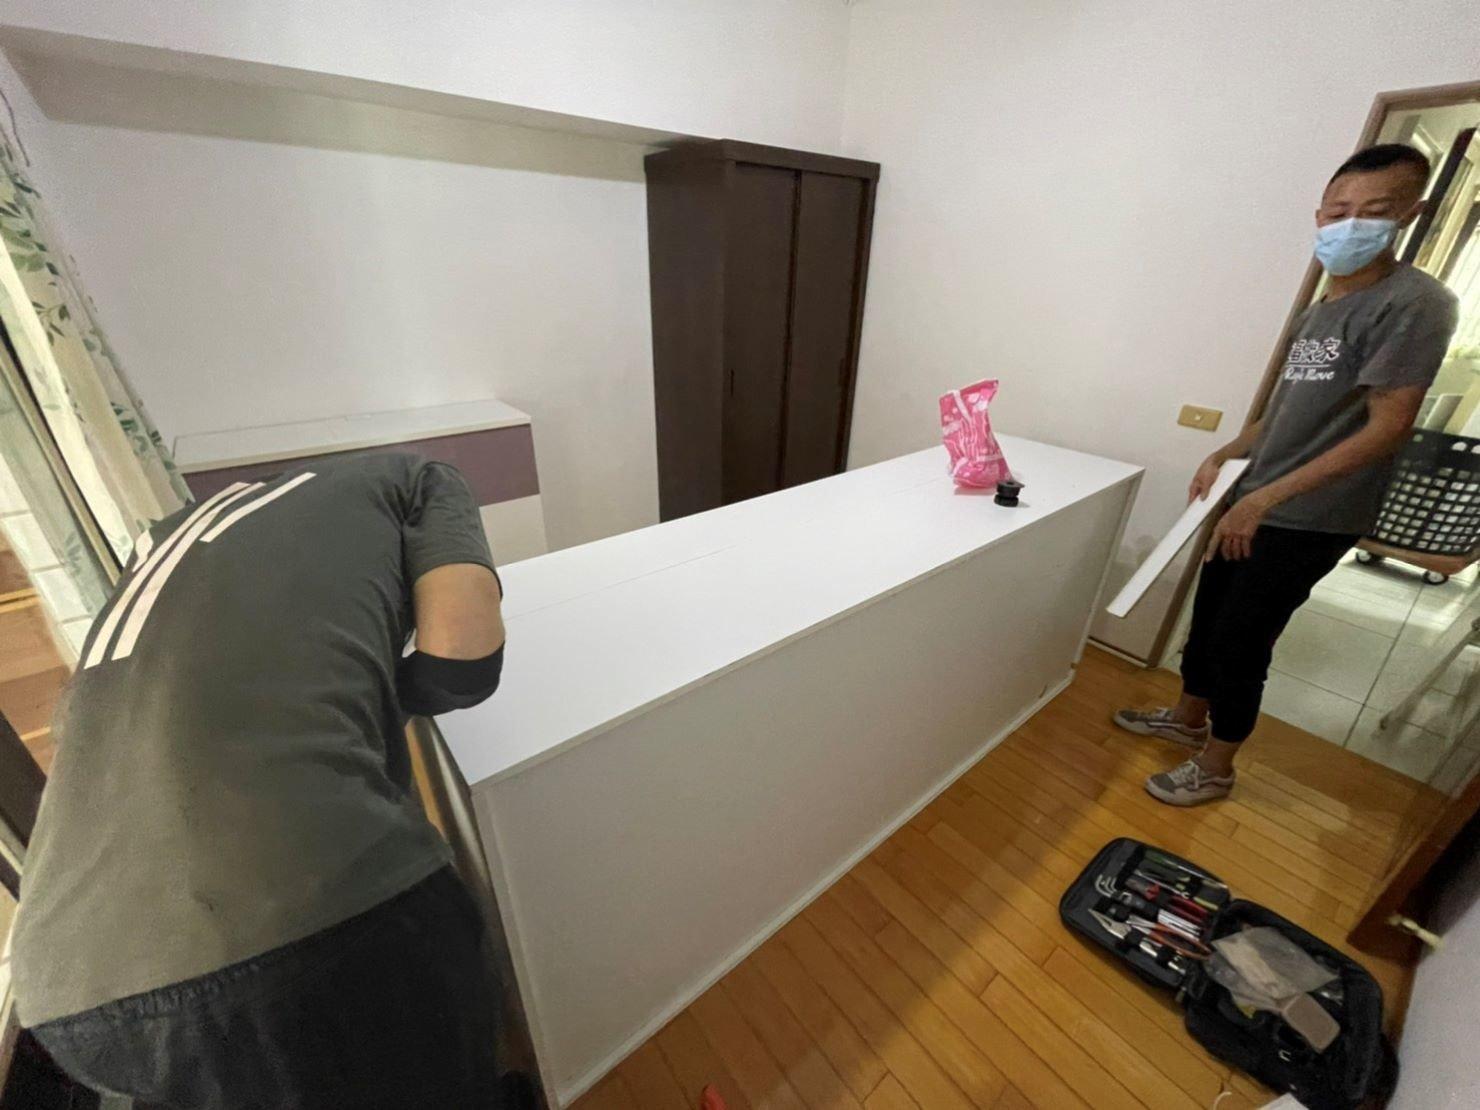 【榮福搬家公司】搬家首選、搬家公司推薦:IKEA、宜得利、B&Q等系統式家具拆裝找專業的榮福搬家就對了。優質搬家,包裝搬運「細膩包裝、專業搬運、用心服務、以客為尊」是榮福搬家公司的宗旨與精神。歡迎立即來電02-2651-2727專人服務。